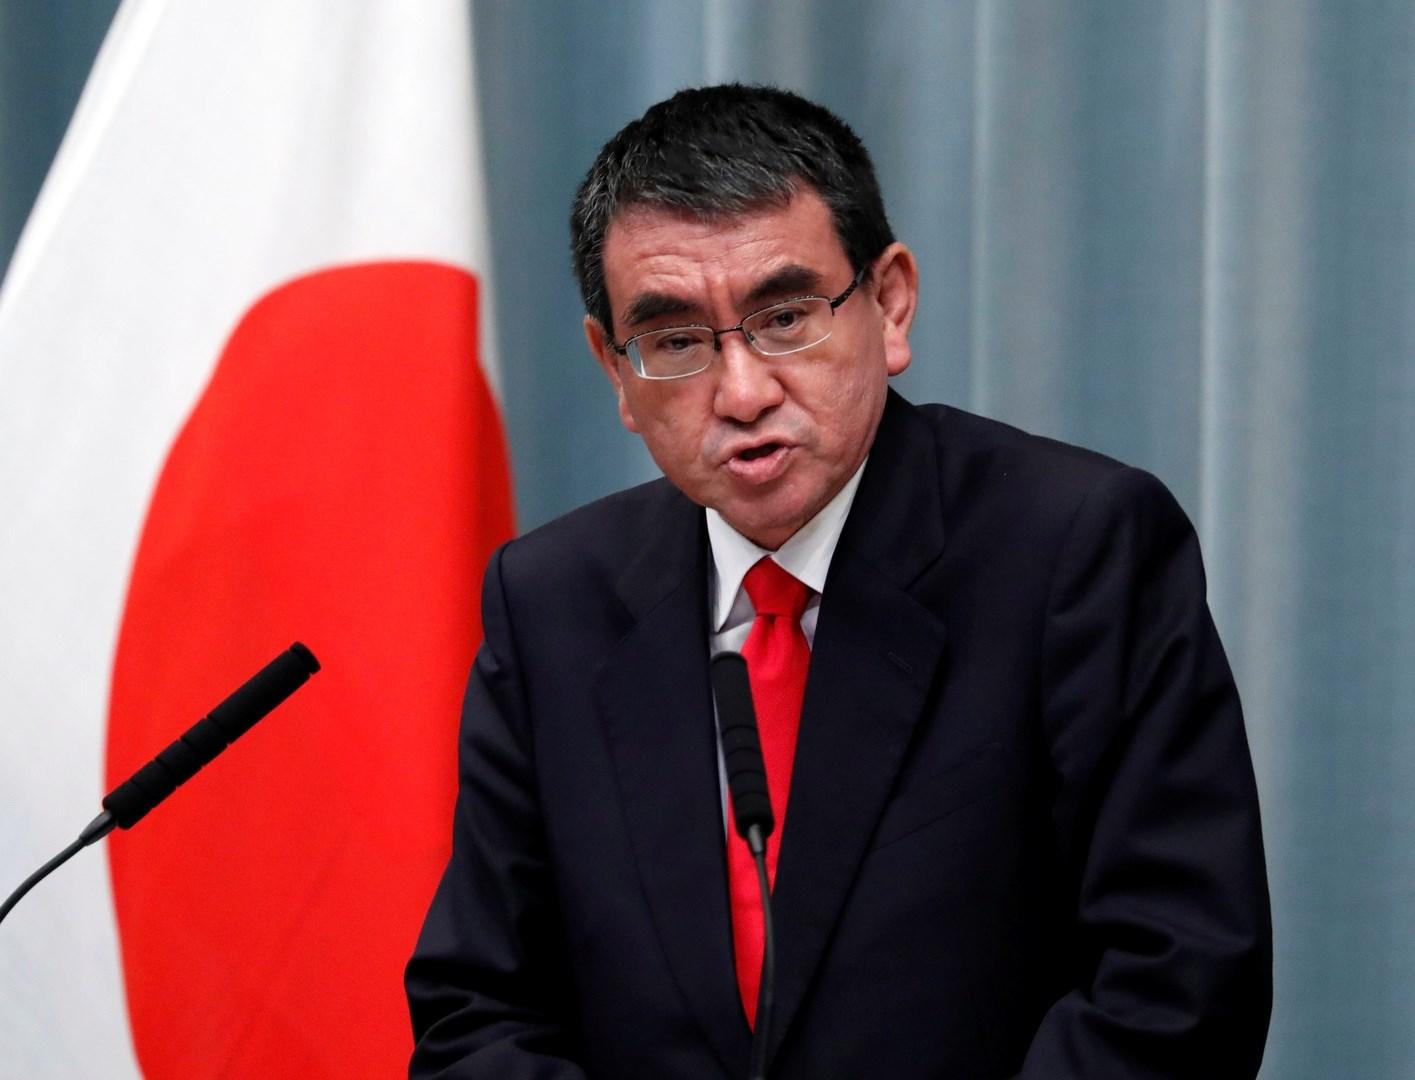 وزير الدفاع الياباني: مجلس الأمن القومي ناقش الأمر وتوصل إلى إلغاء نشر إيغيس آشور في آكيتا وياماغوتشي